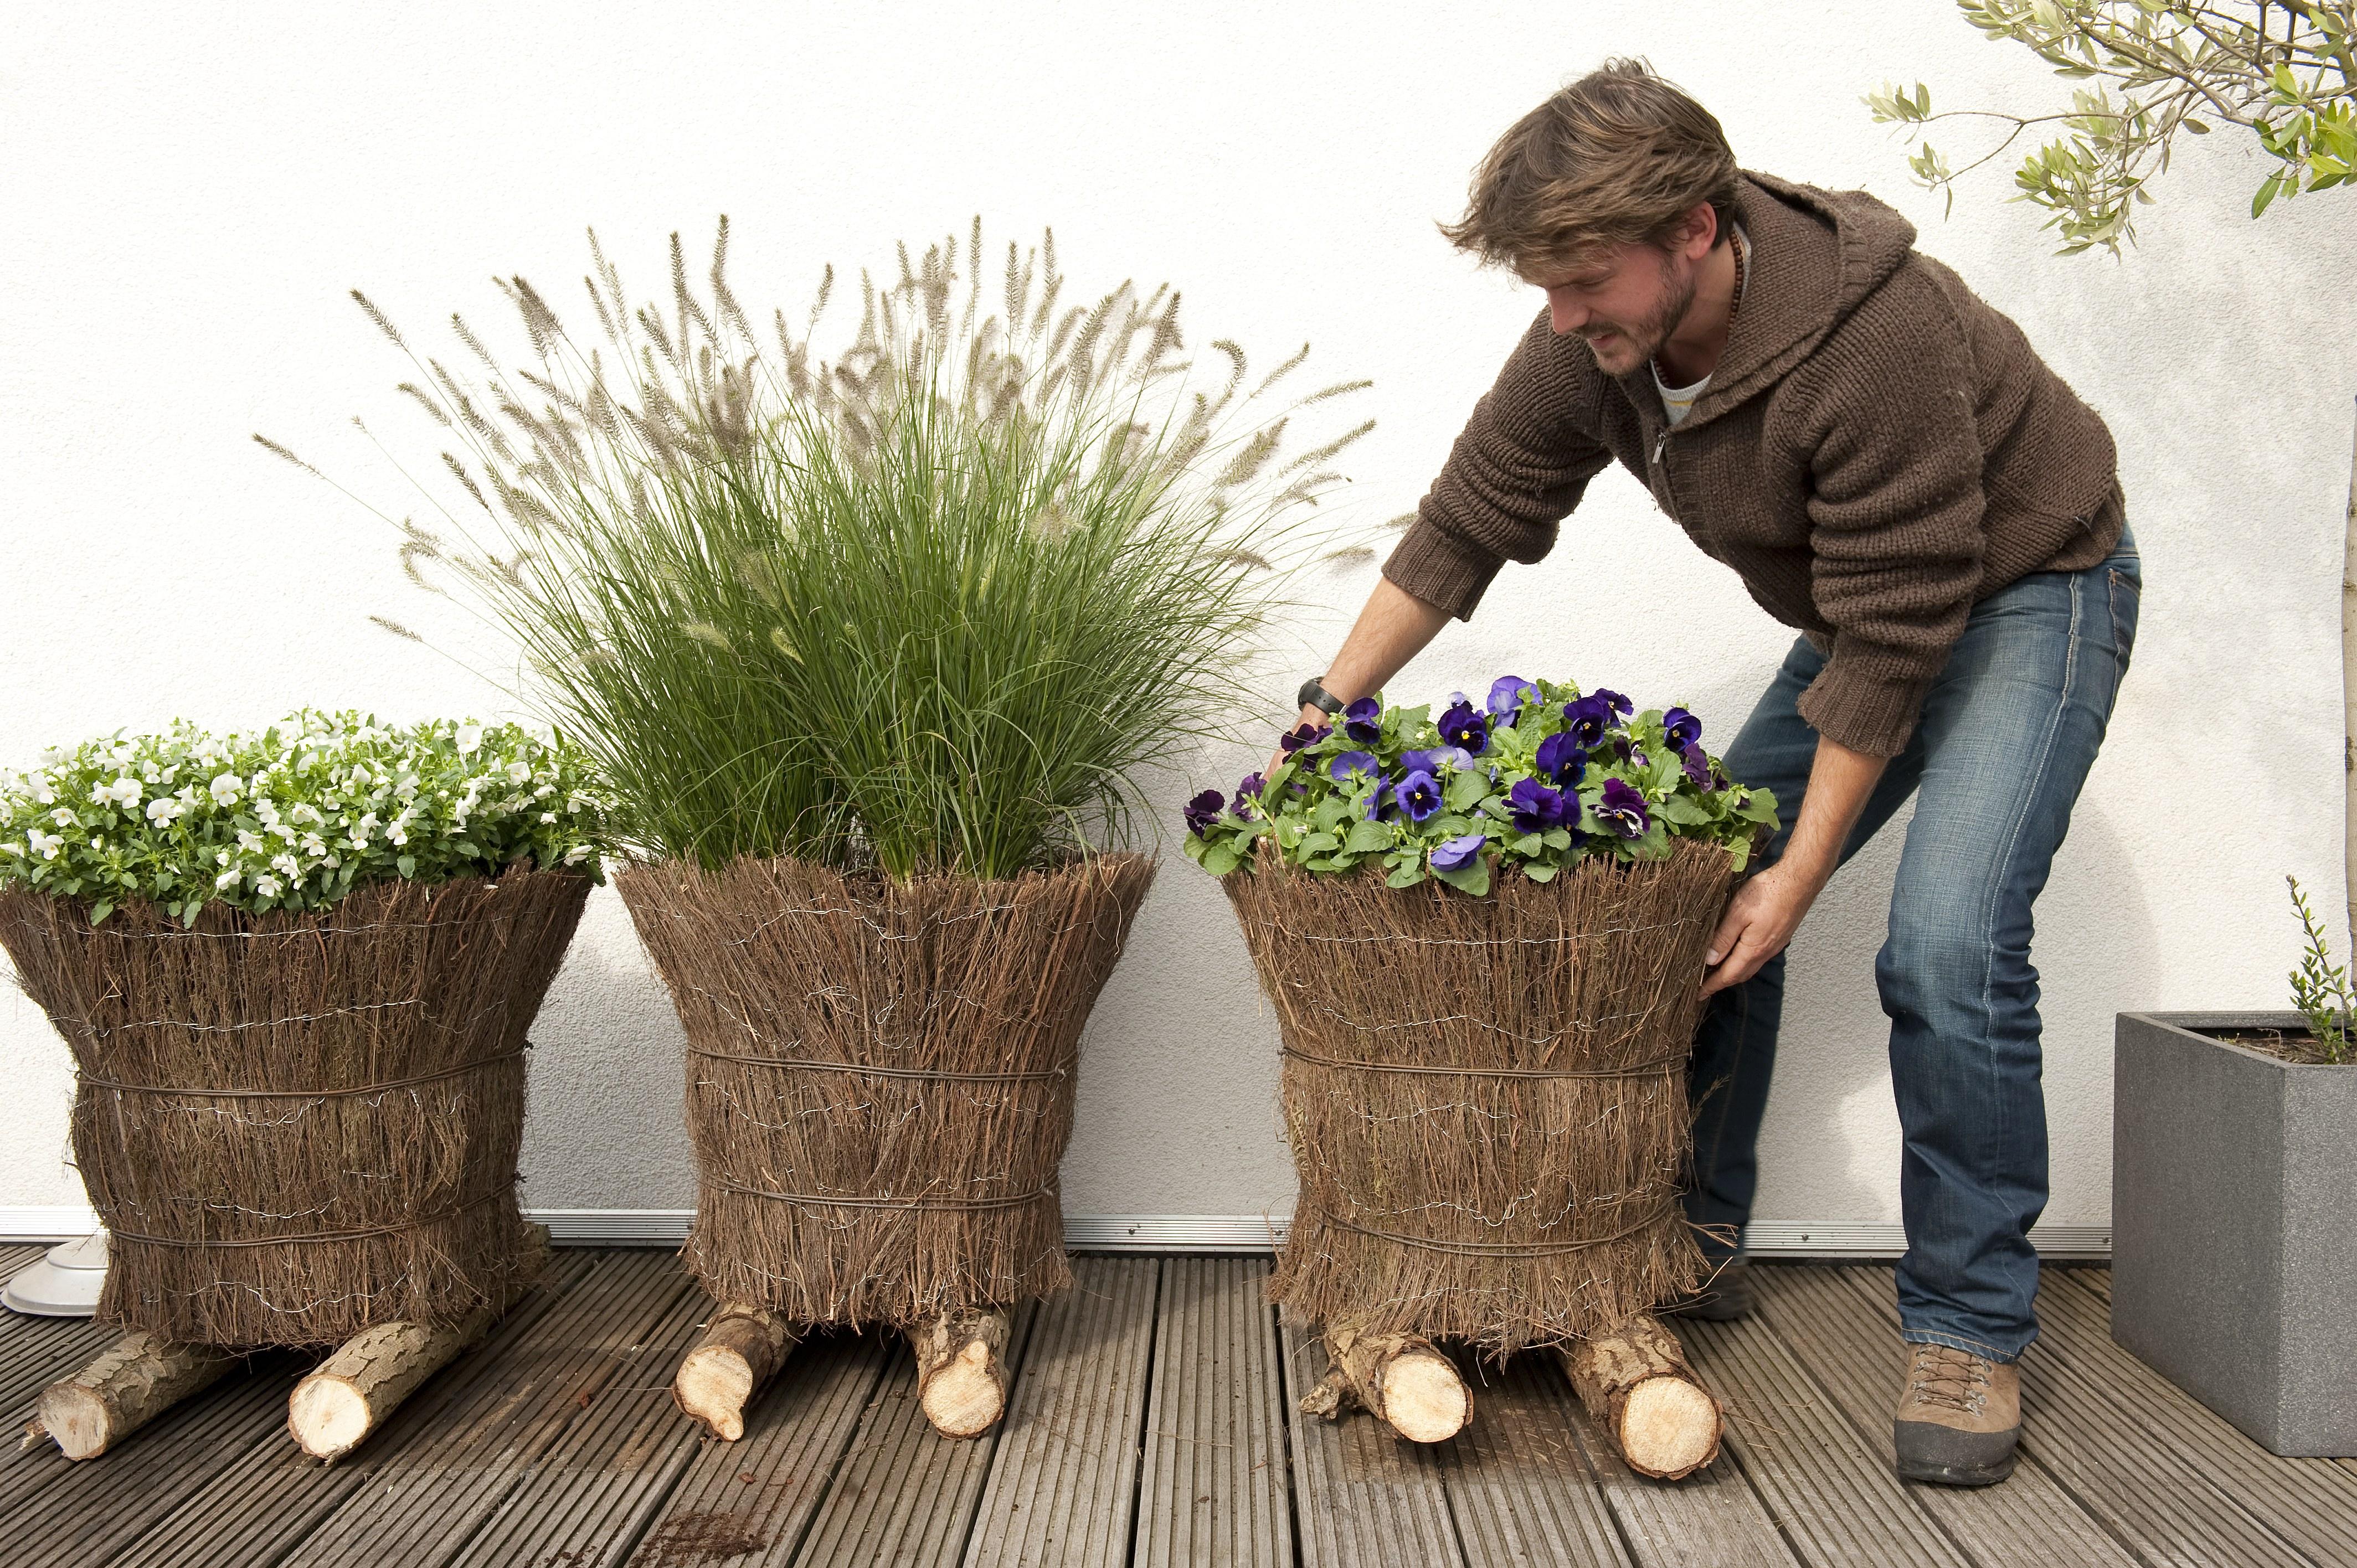 Grüne Oasen Mit Wenig Aufwand Selber Pflanzen Und Bis In Den Herbst Genießen Zeit Für Natur Gartenblüher Auf Balkon Terre Bild